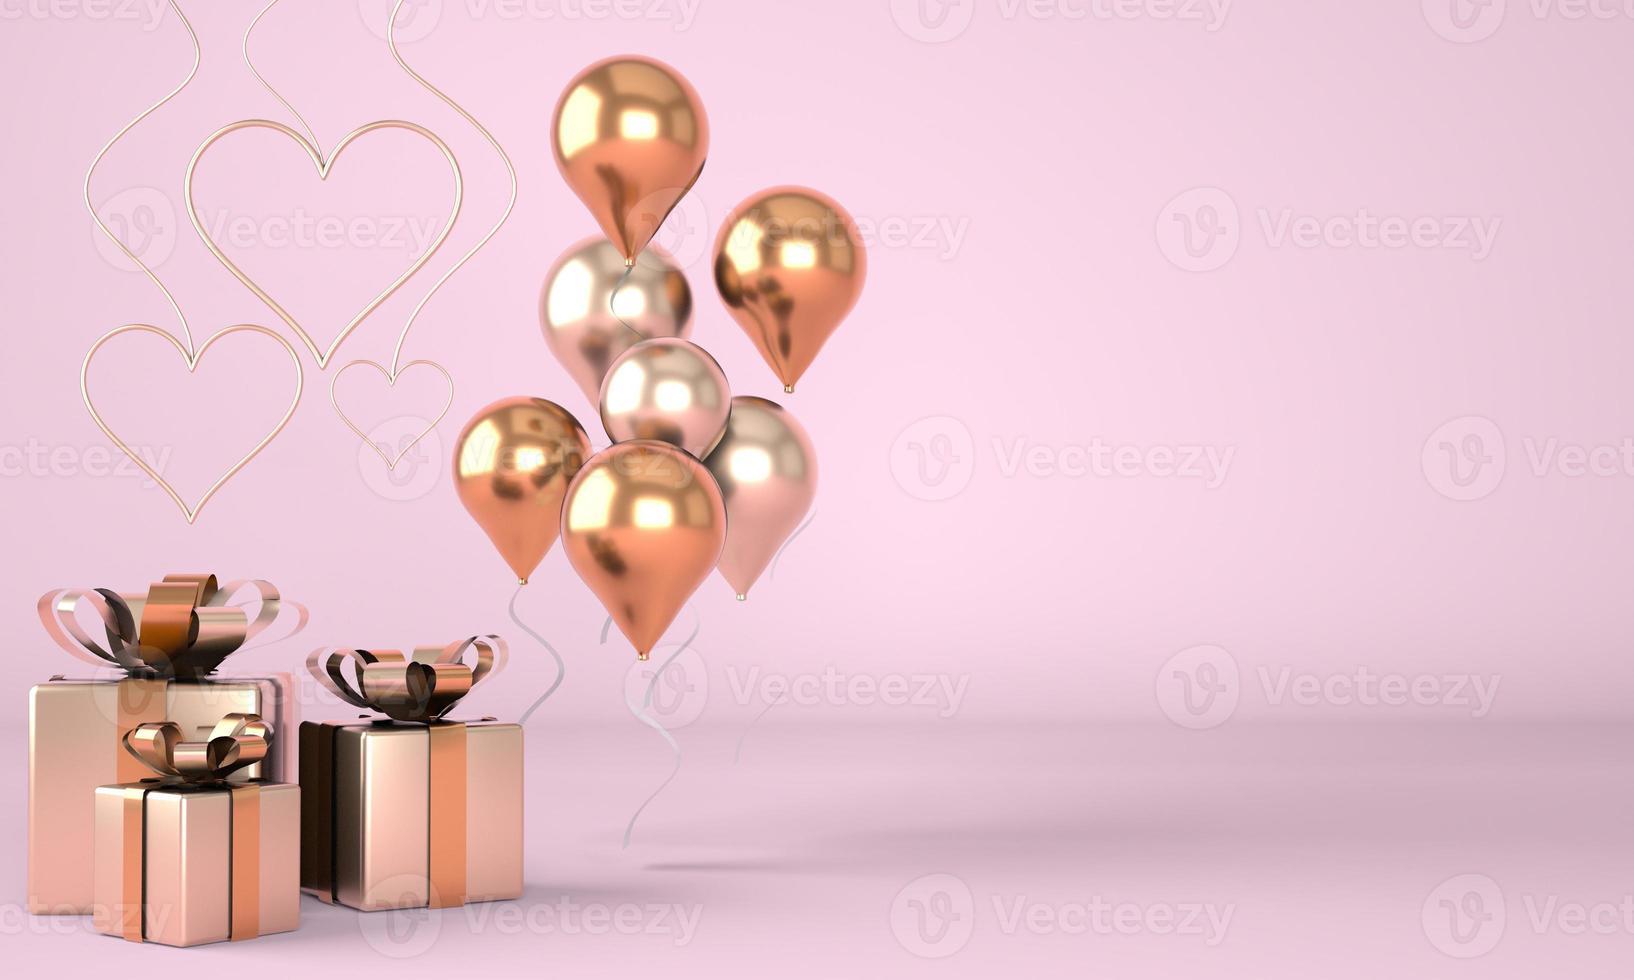 alla hjärtans dag. bakgrund med realistiska festliga presentaskar. romantisk present. gyllene hjärtan. 3d. foto